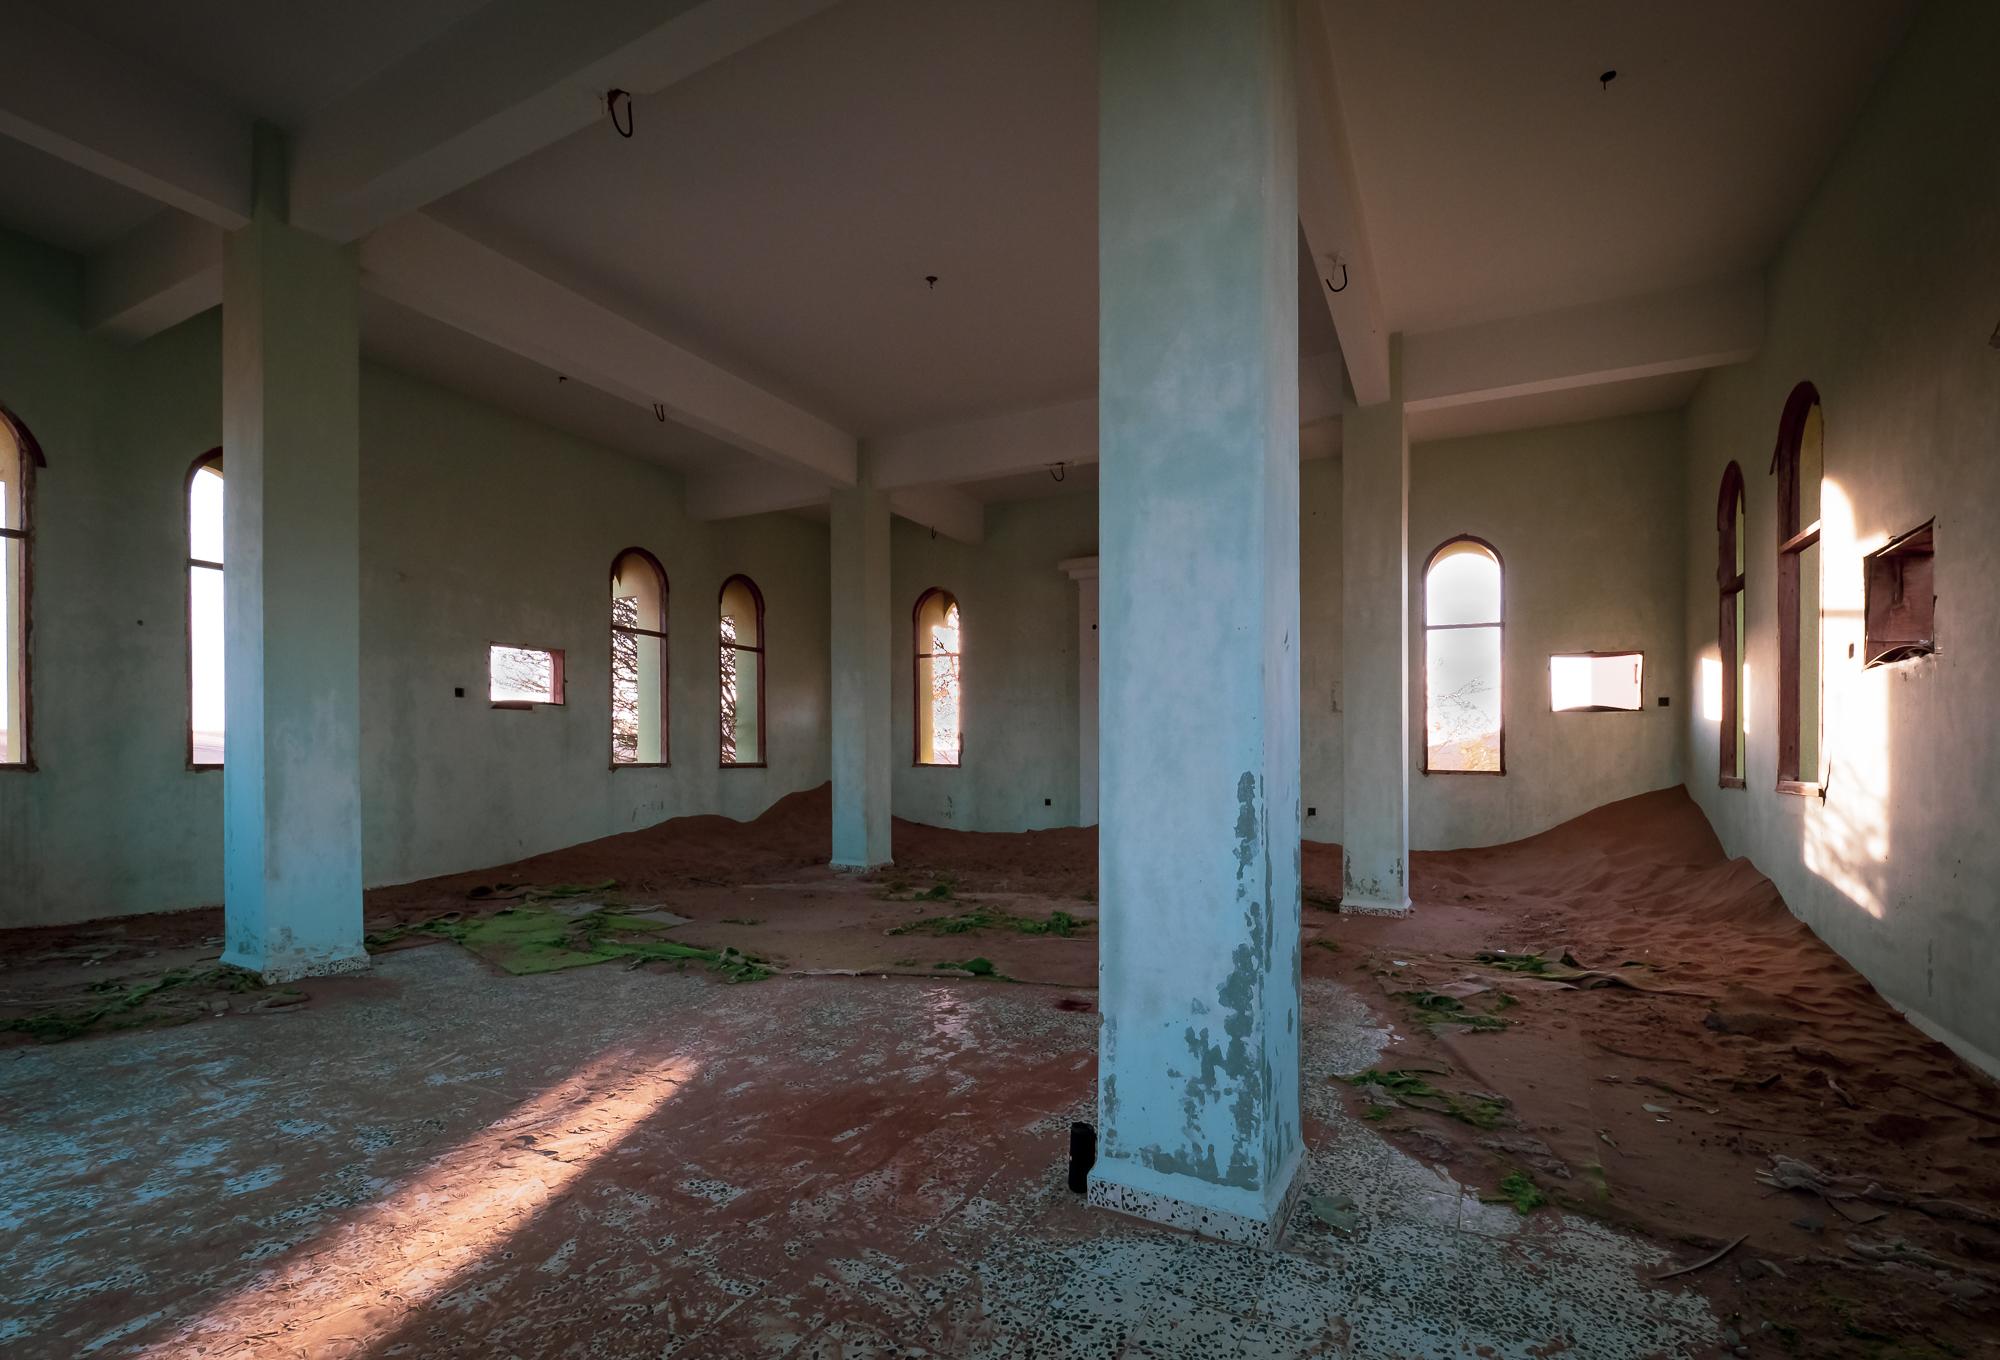 Mosque interiors